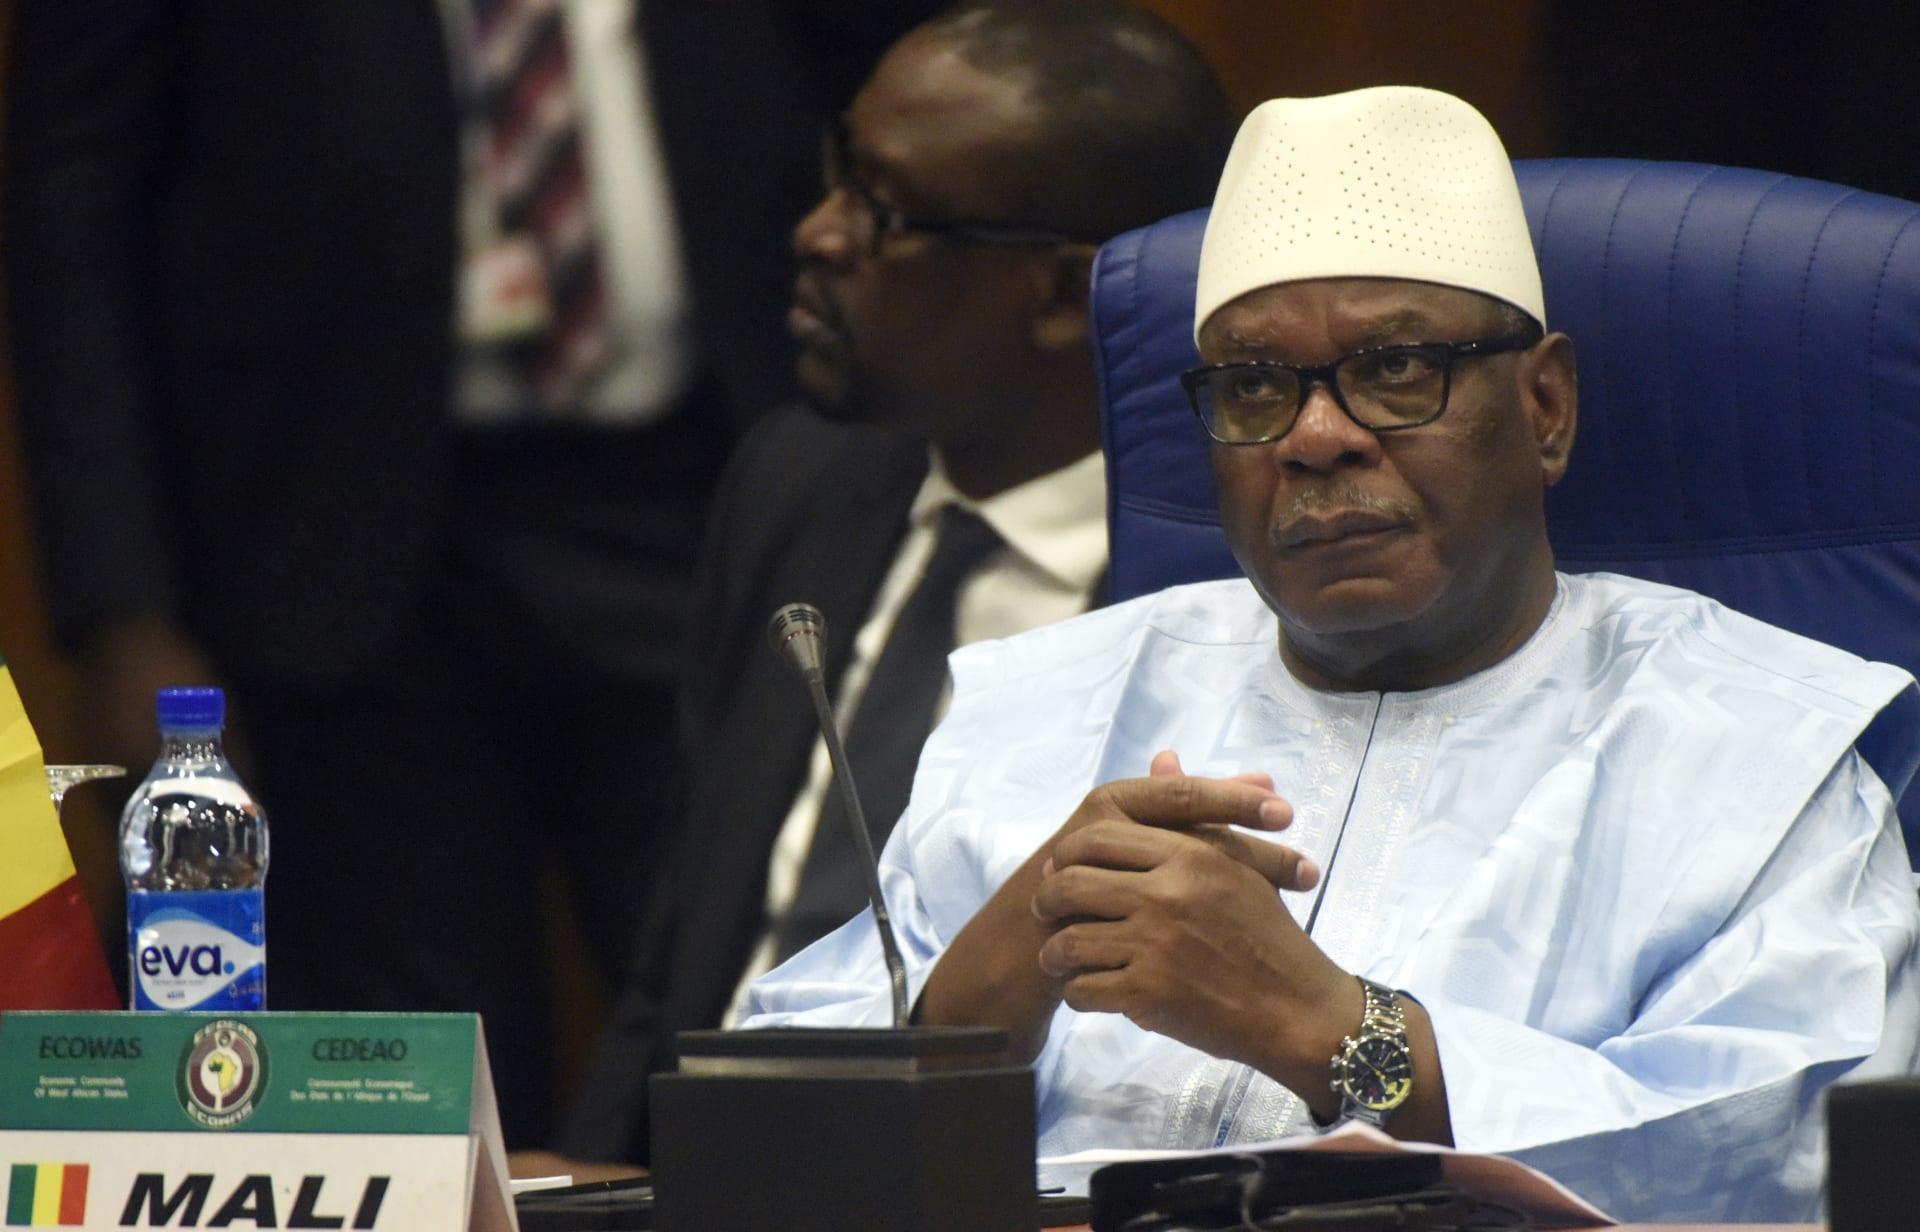 رئيس مالي يعلن استقالته وحل الحكومة والبرلمان بعد اعتقاله من قبل الجيش